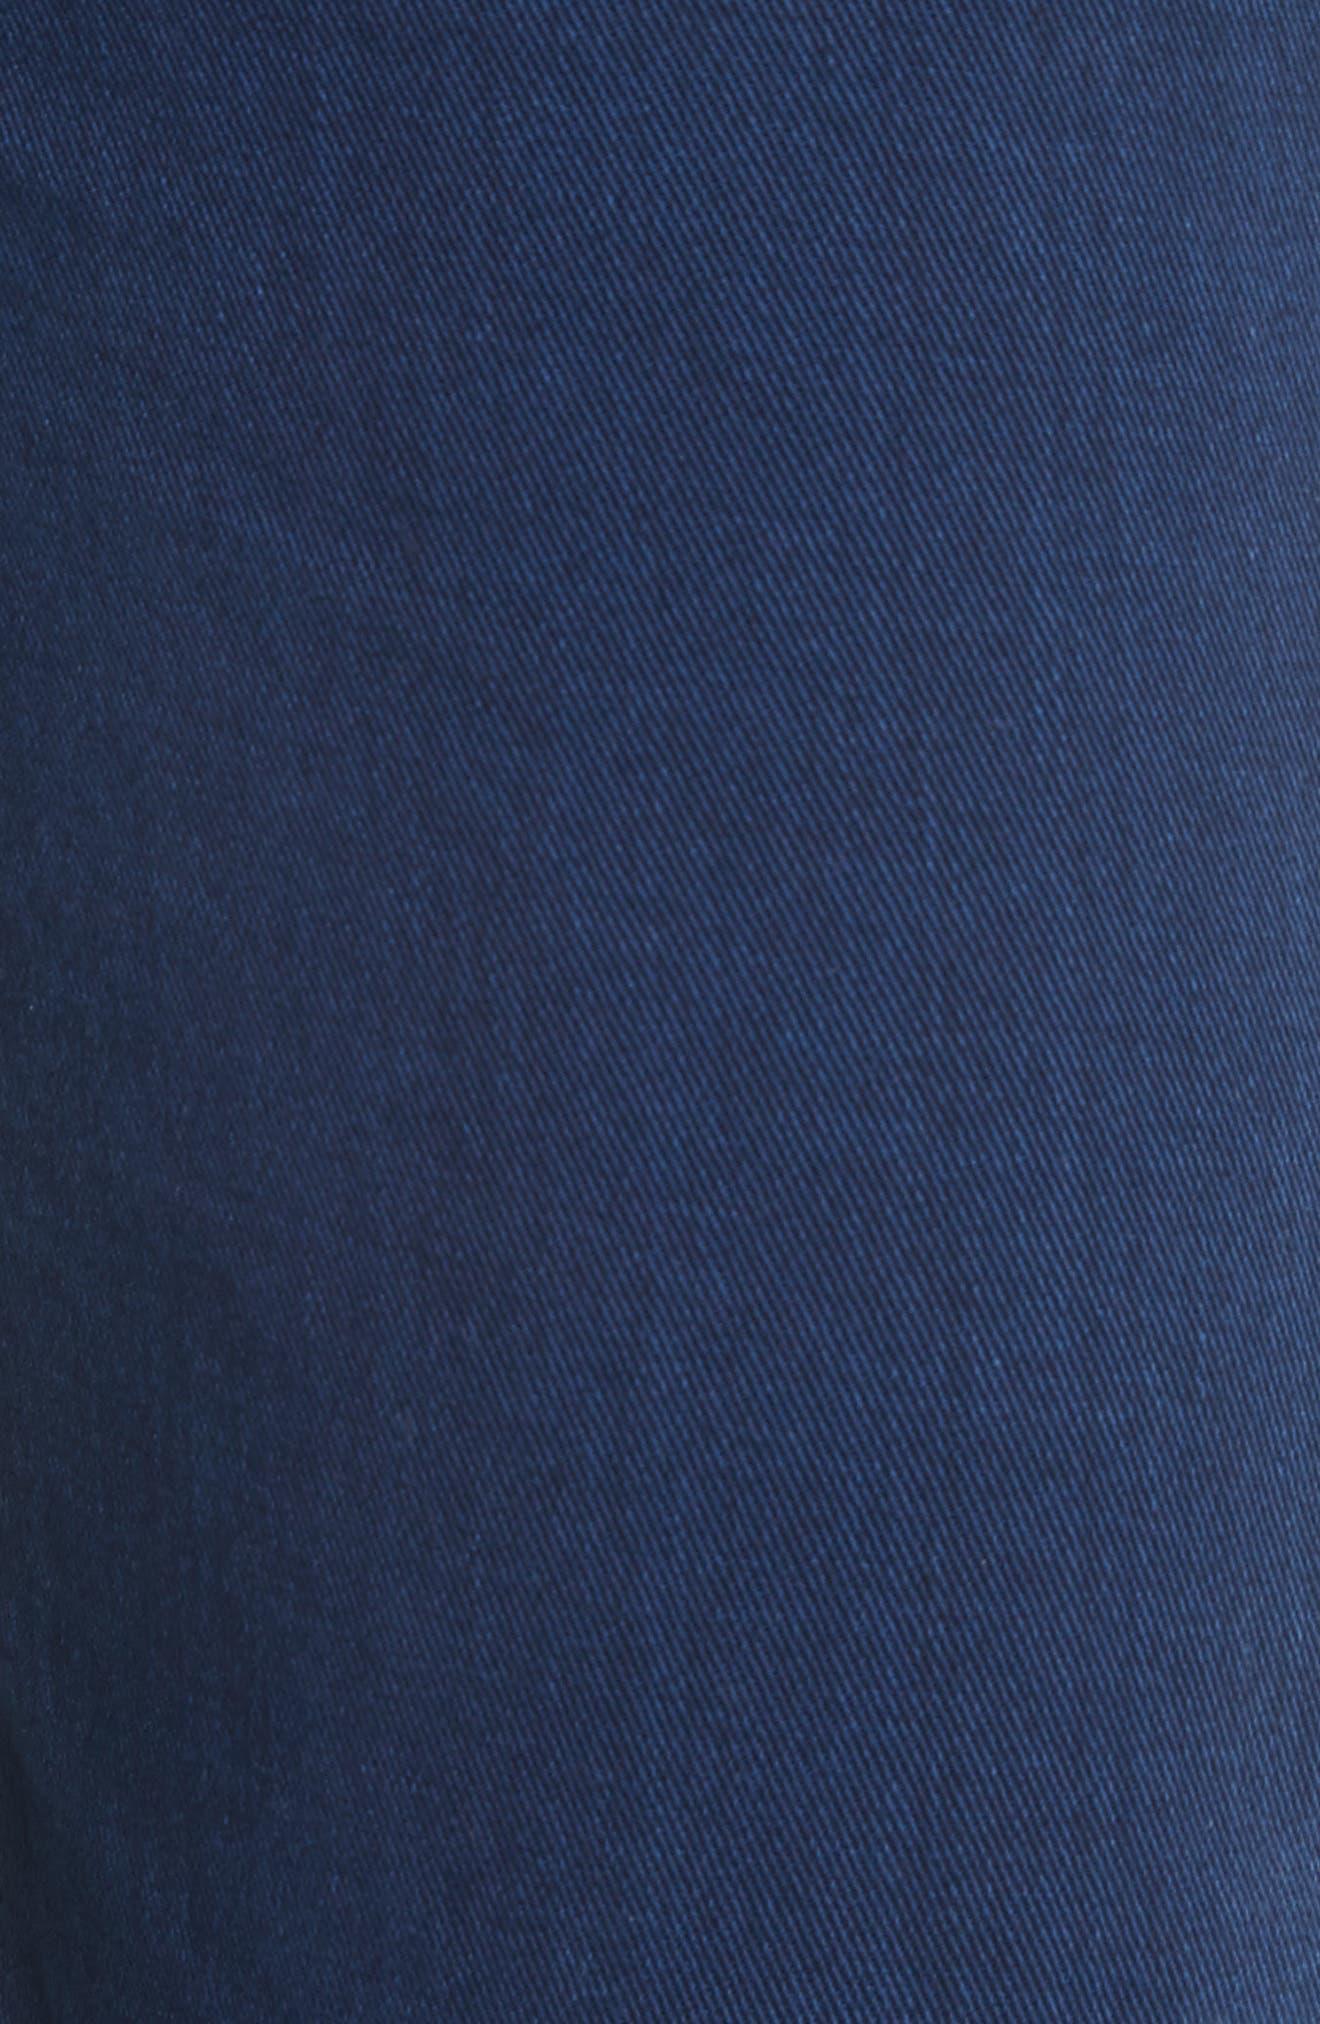 W4 Shelter Crop Wide Leg Jeans,                             Alternate thumbnail 5, color,                             Arrow